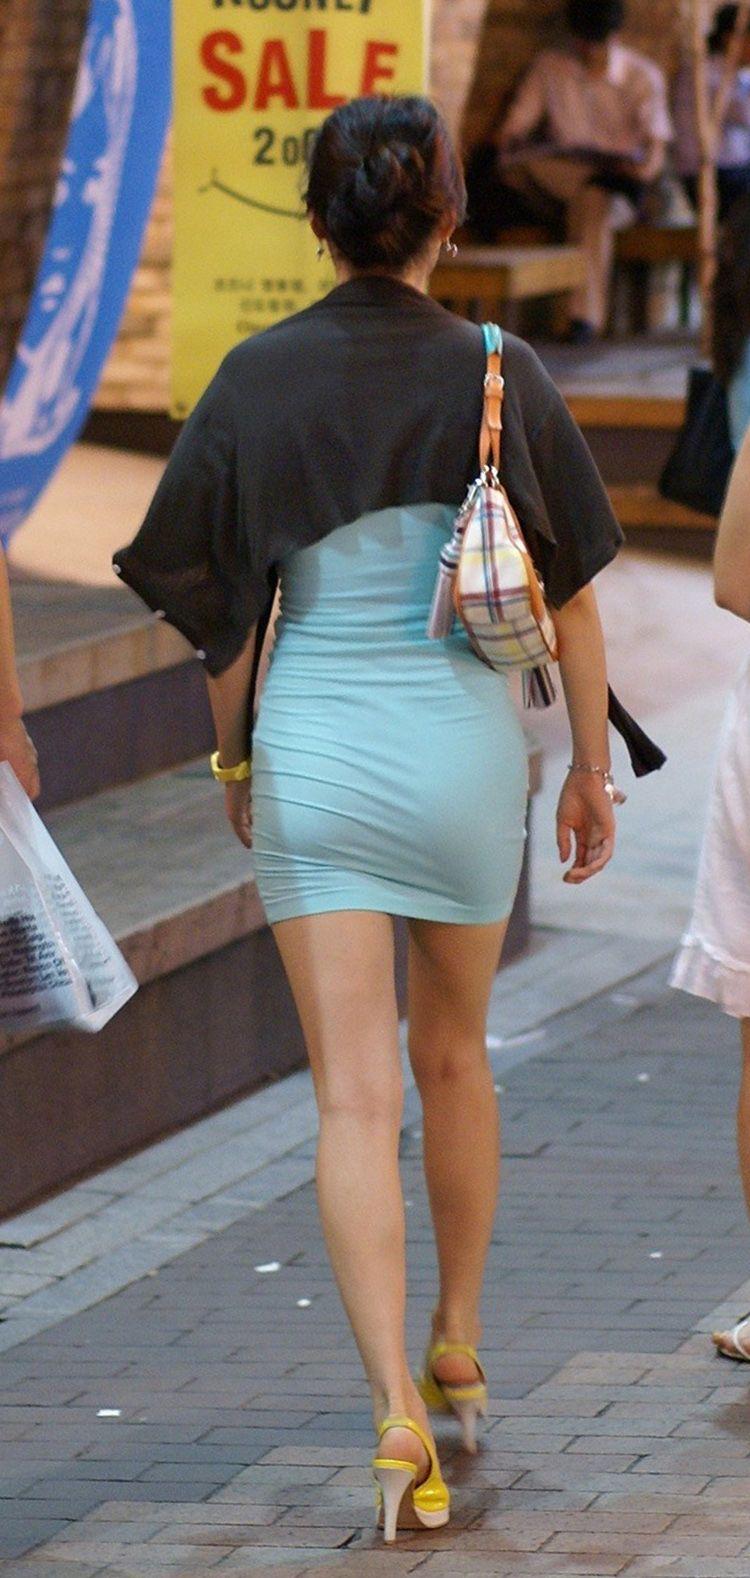 【街撮りミニスカ画像】丈がギリギリのミニスカはチラリを期待してついつい見てしまうよねwww 19